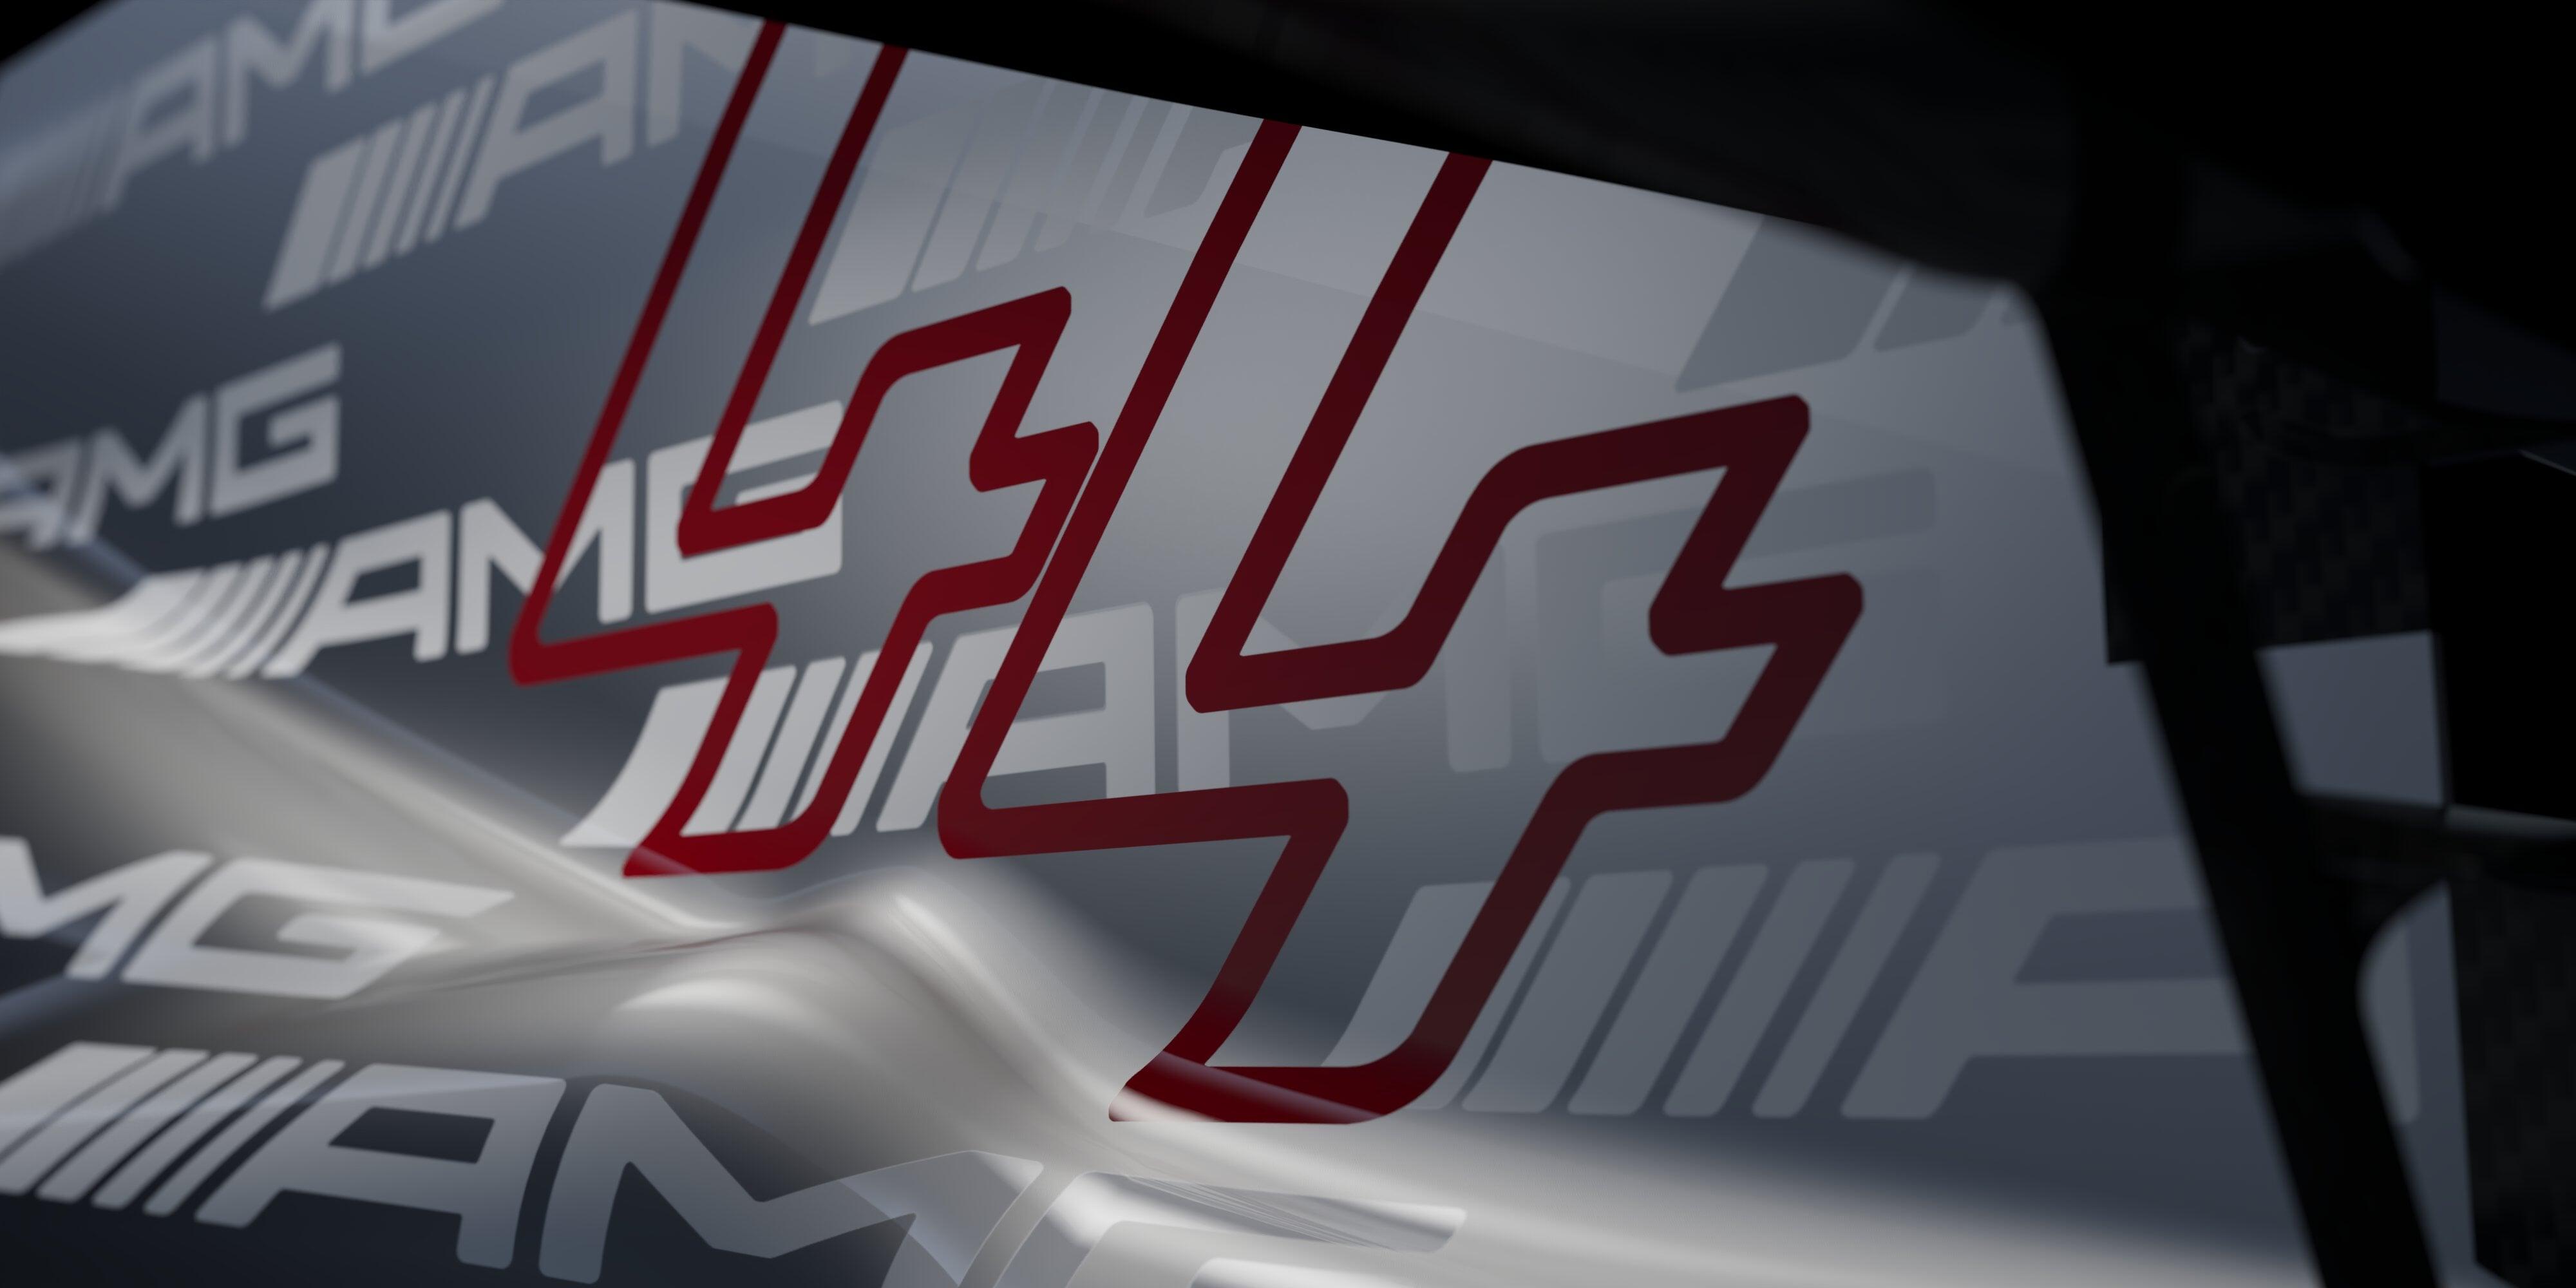 «Мерседес» показал часть ливреи в логотипах AMG